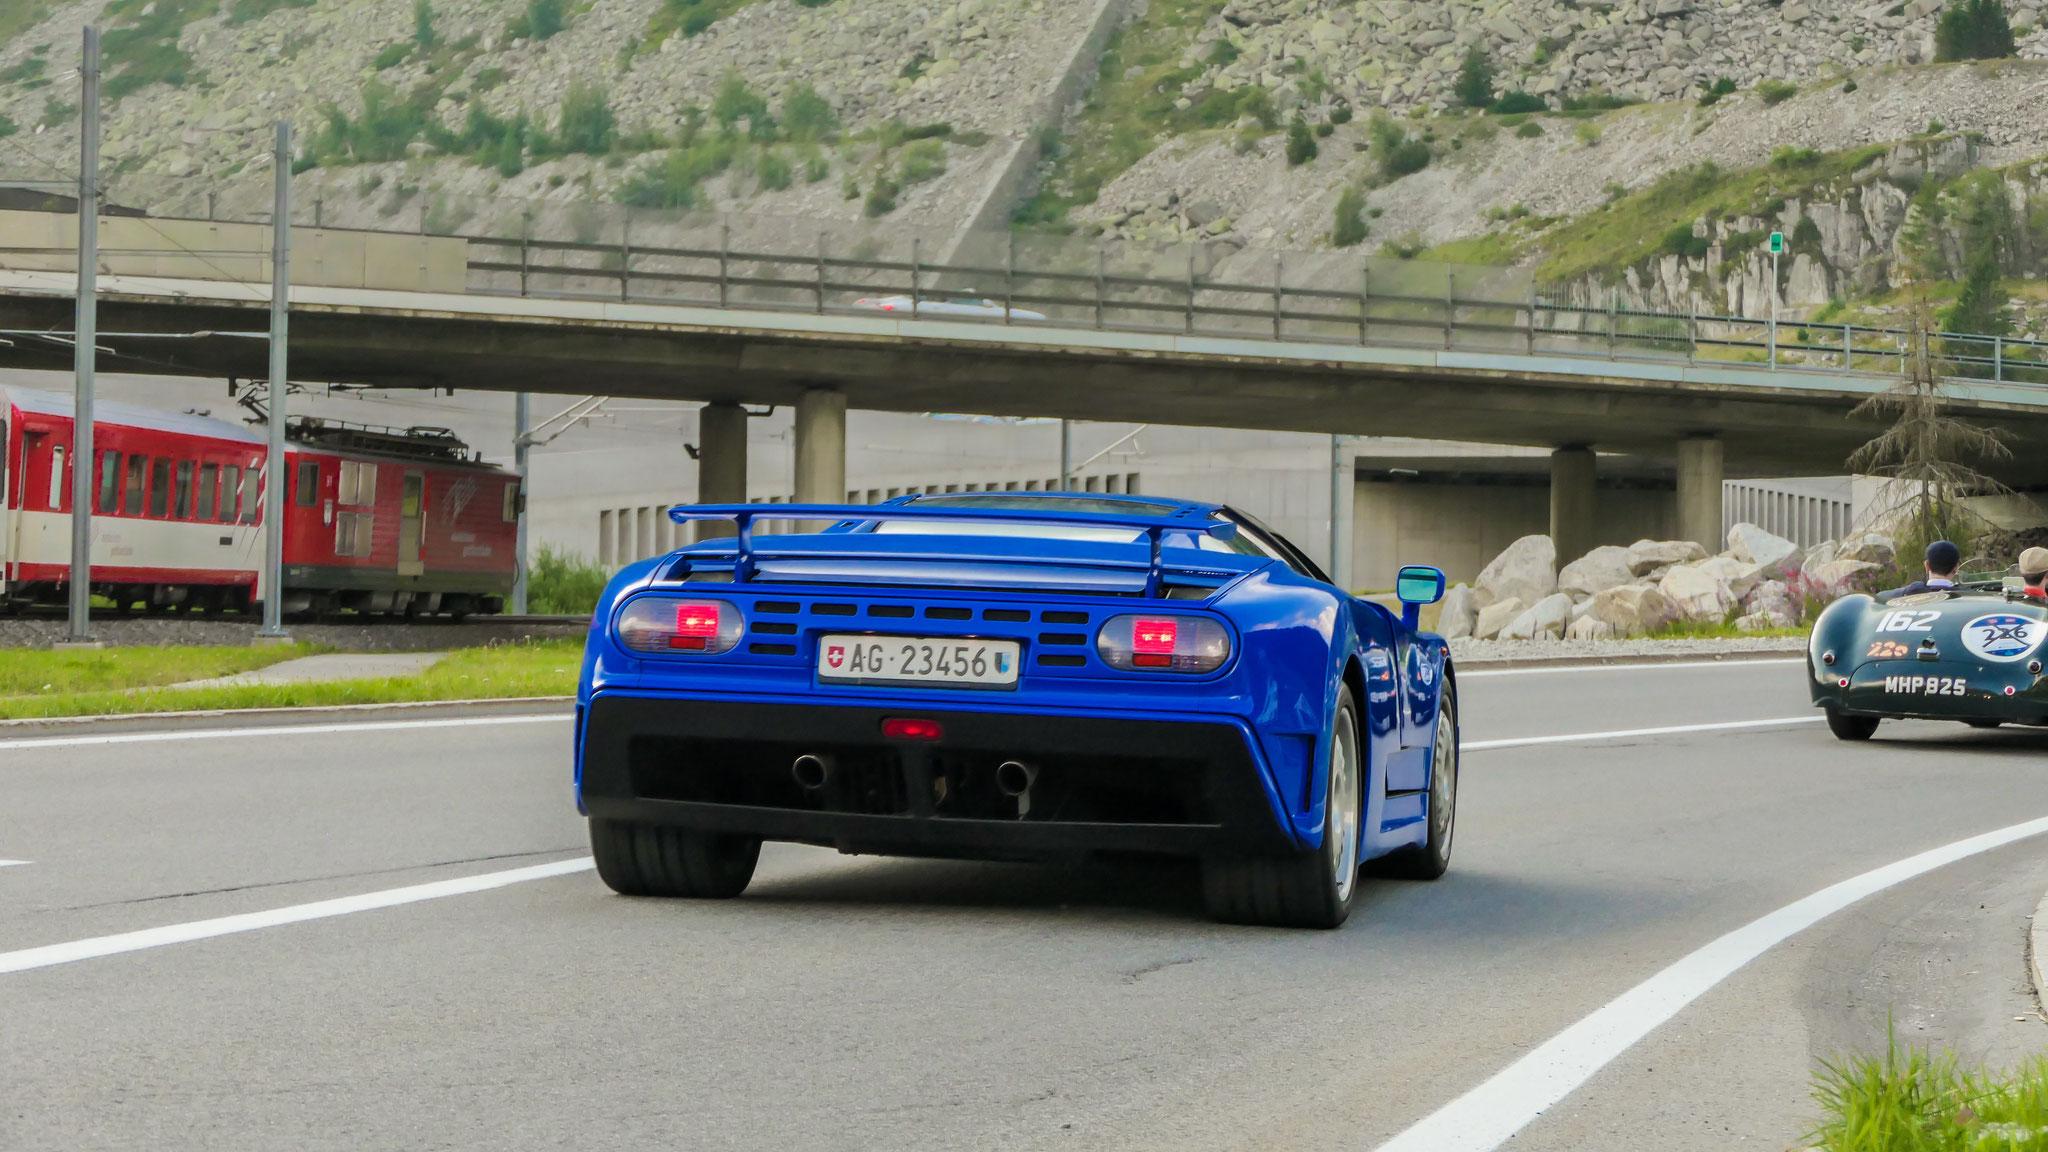 Bugatti EB110 - AG-23456 (CH)